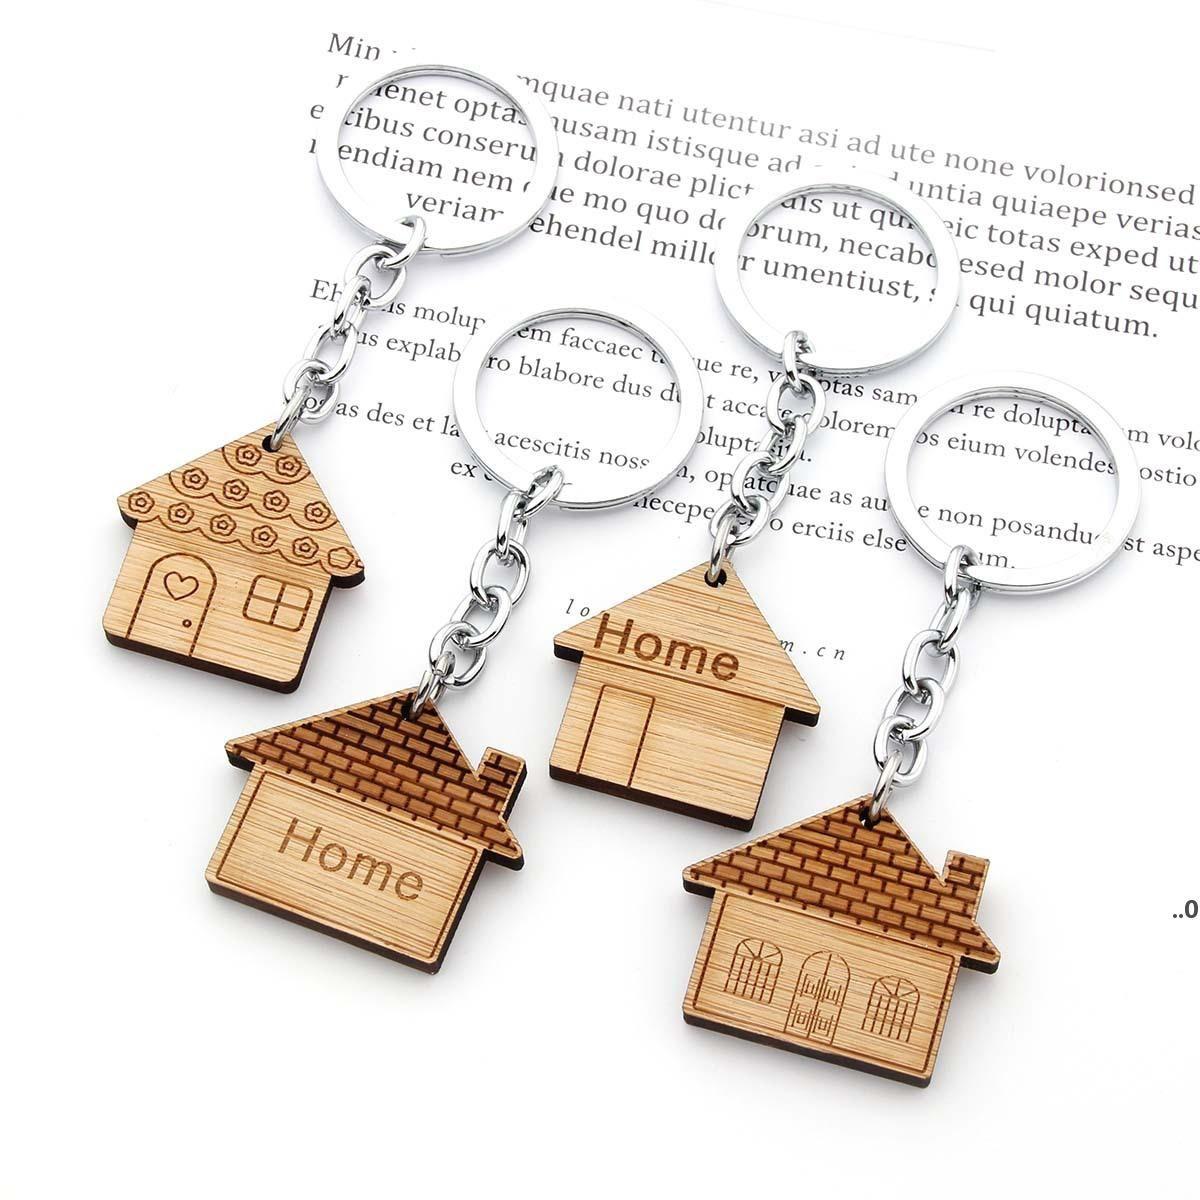 منزل مفتاح سلسلة الخشب المفاتيح housewarming حزب اللوازم هدية محفورة مفاتيح الدائري الأول الاحترار تفضل تعزيز هدايا FWB8916